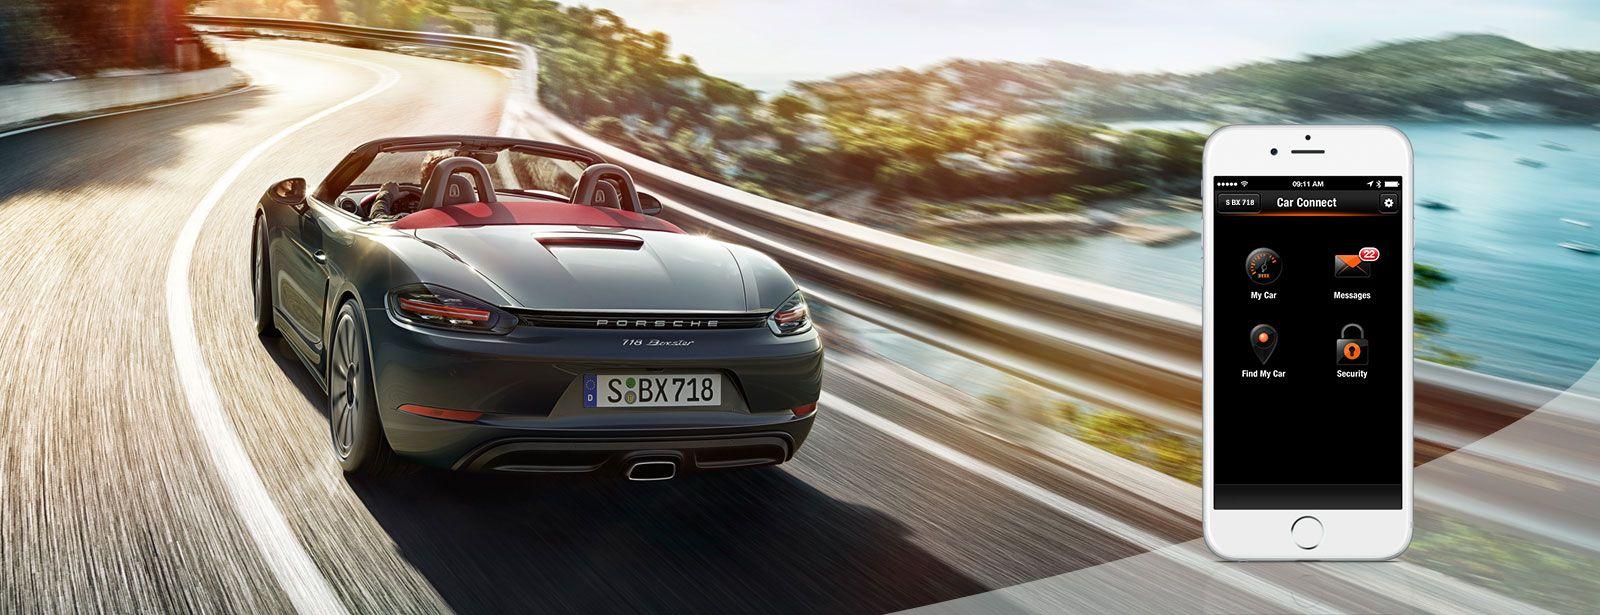 Porsche Car Connect app